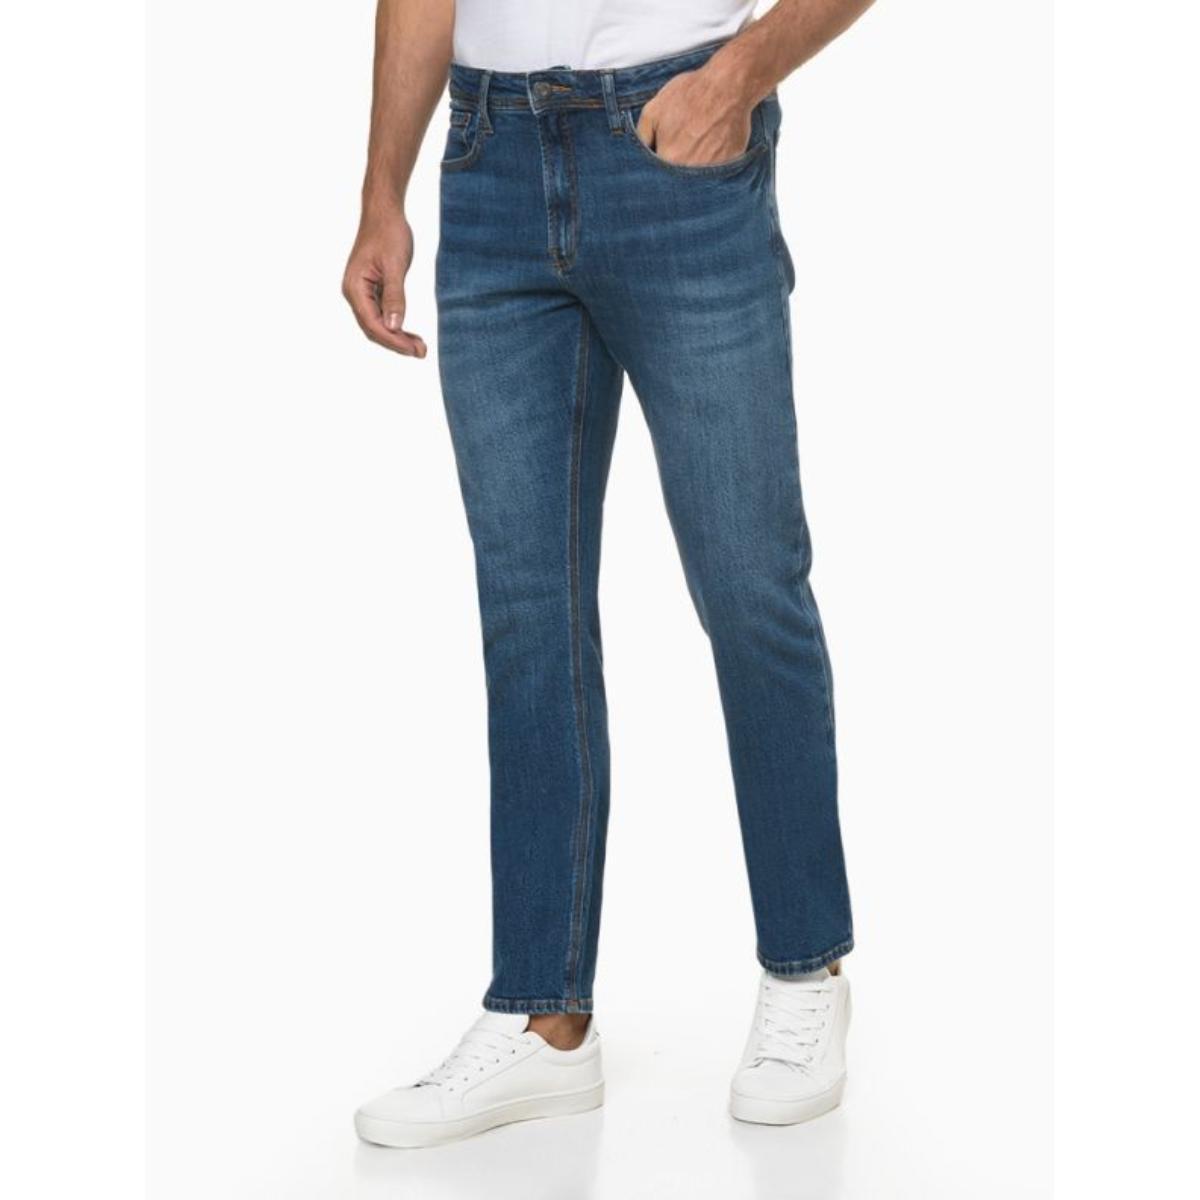 Calça Masculina Calvin Klein Cm1oc11dl222 Jeans